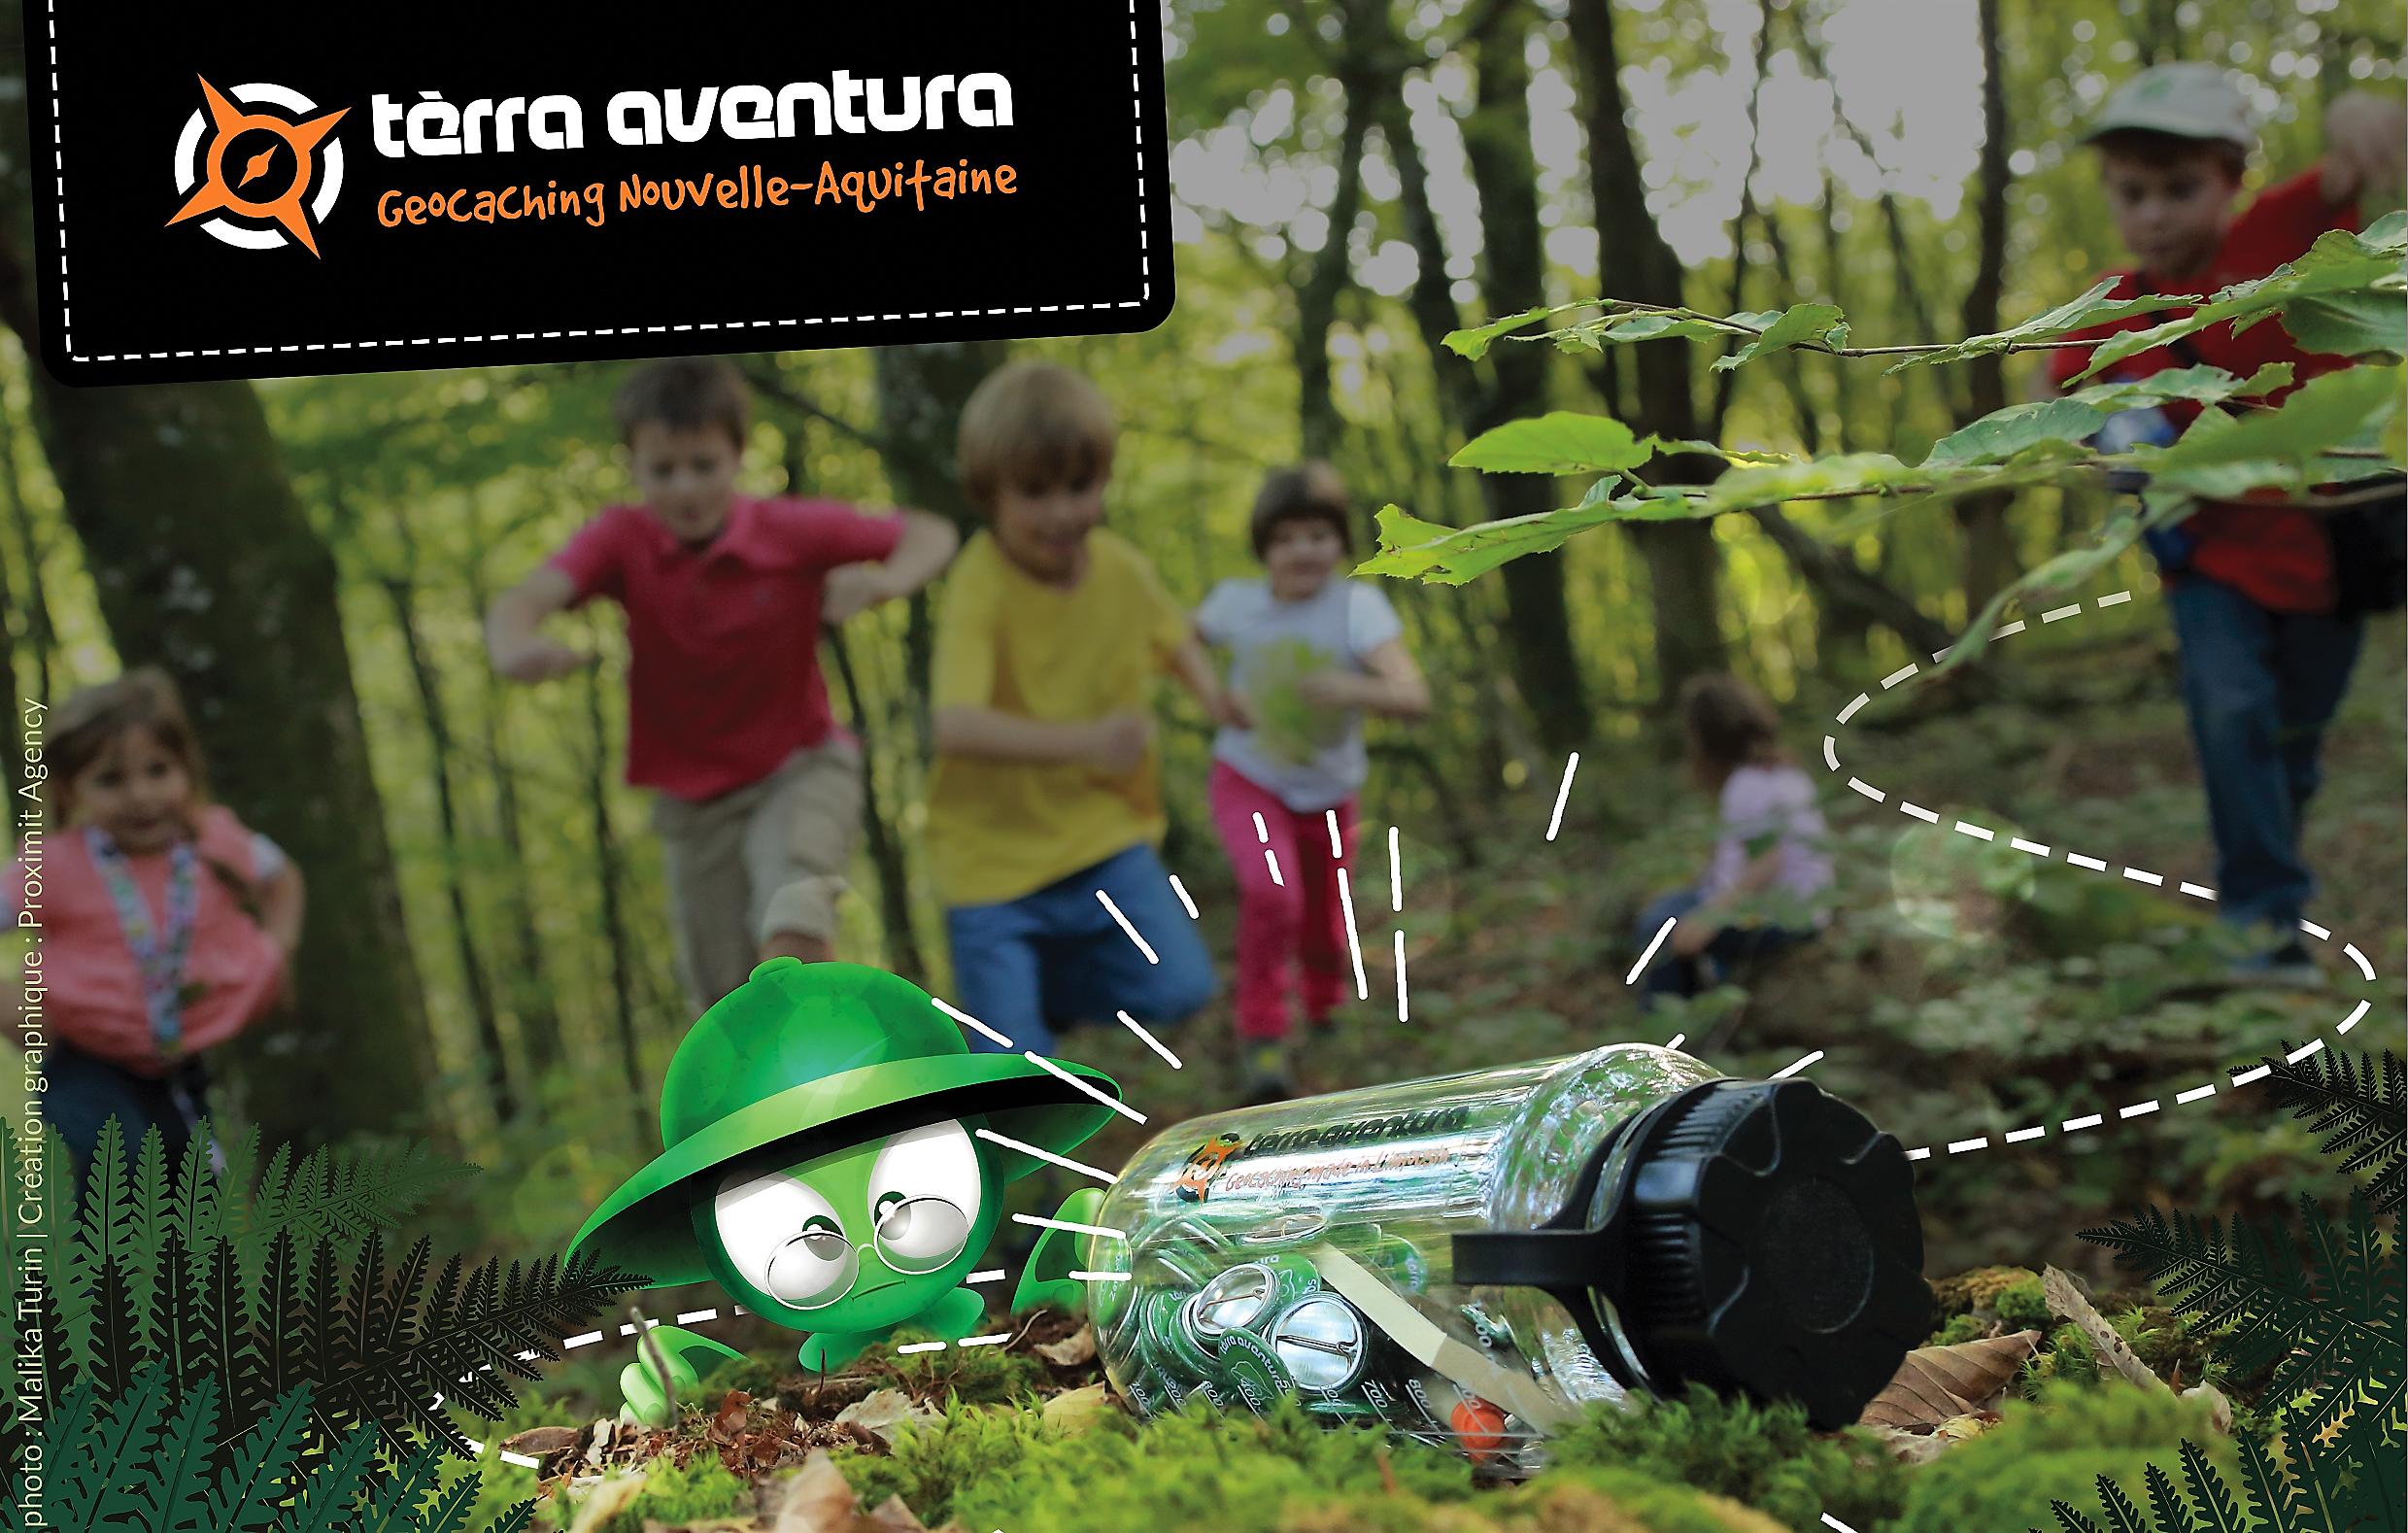 géocoaching Aquitaine Terra Aventura